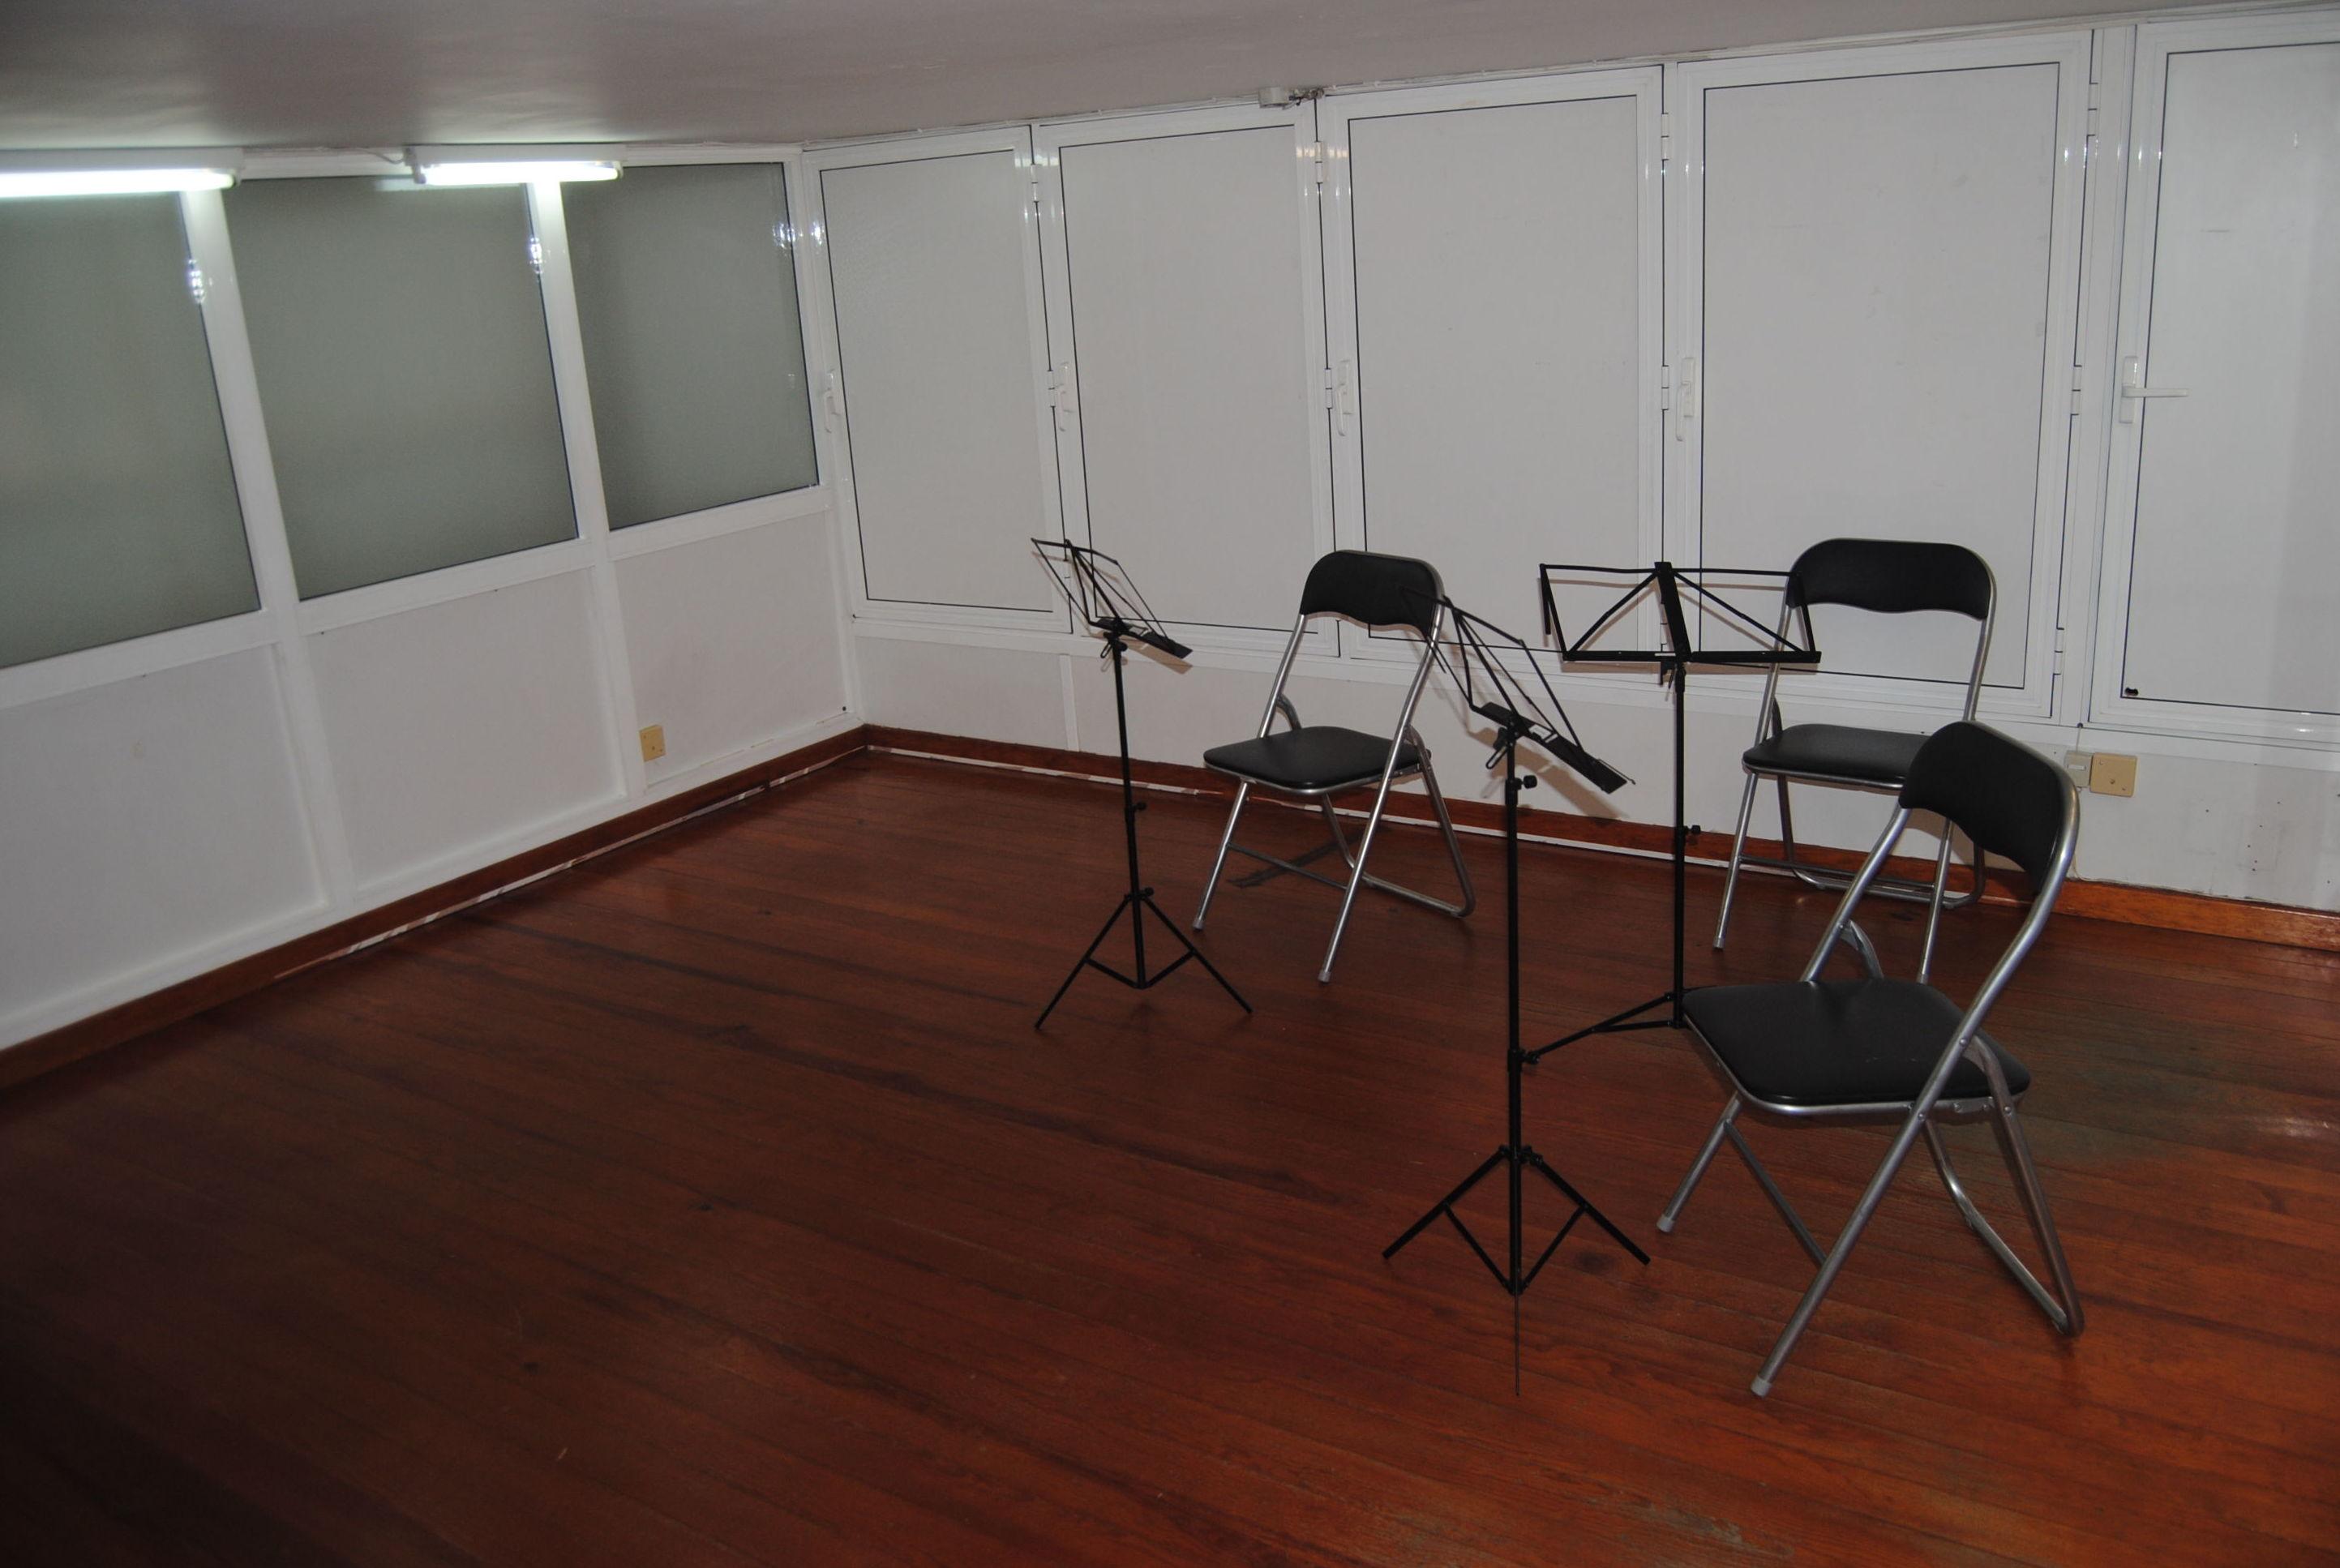 Foto 30 de Instrumentos música en Icod de los Vinos | La Clave Musical